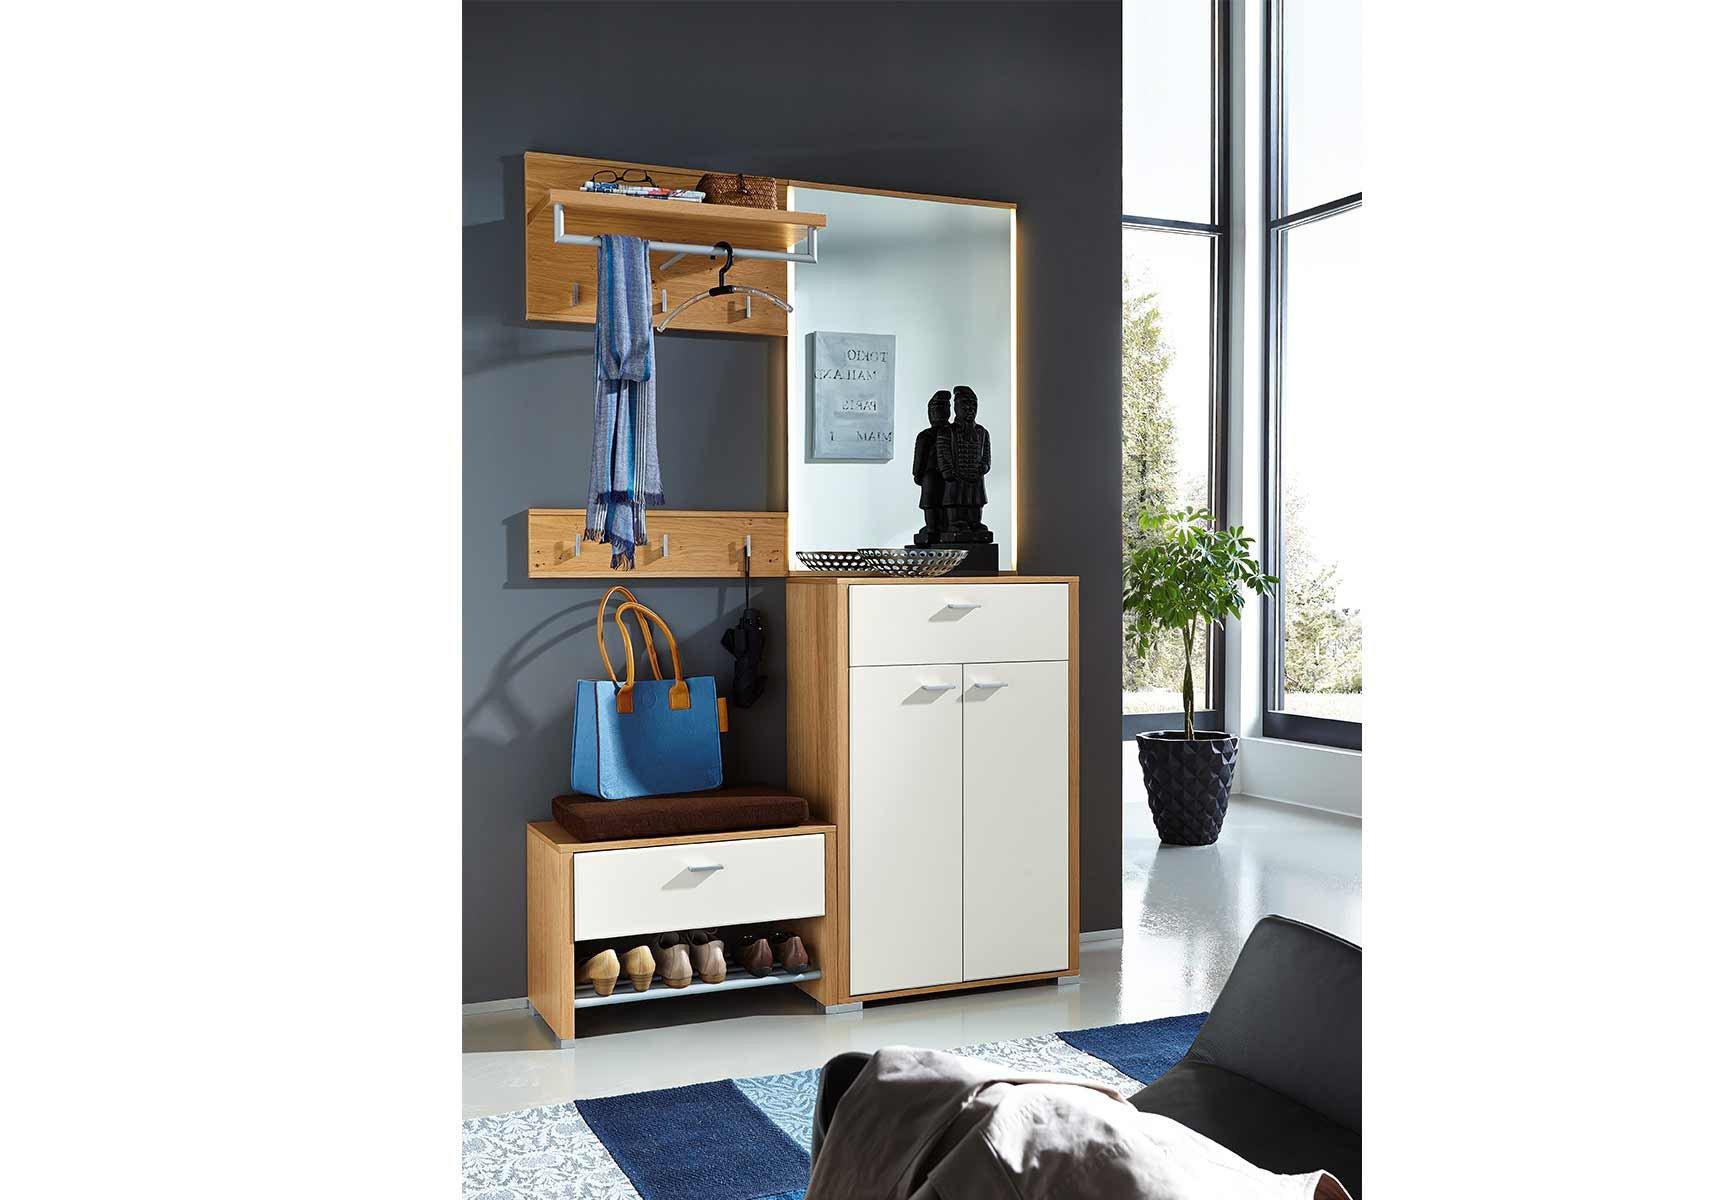 garderobe florenz wei eiche leinkenjost m bel letz ihr online shop. Black Bedroom Furniture Sets. Home Design Ideas